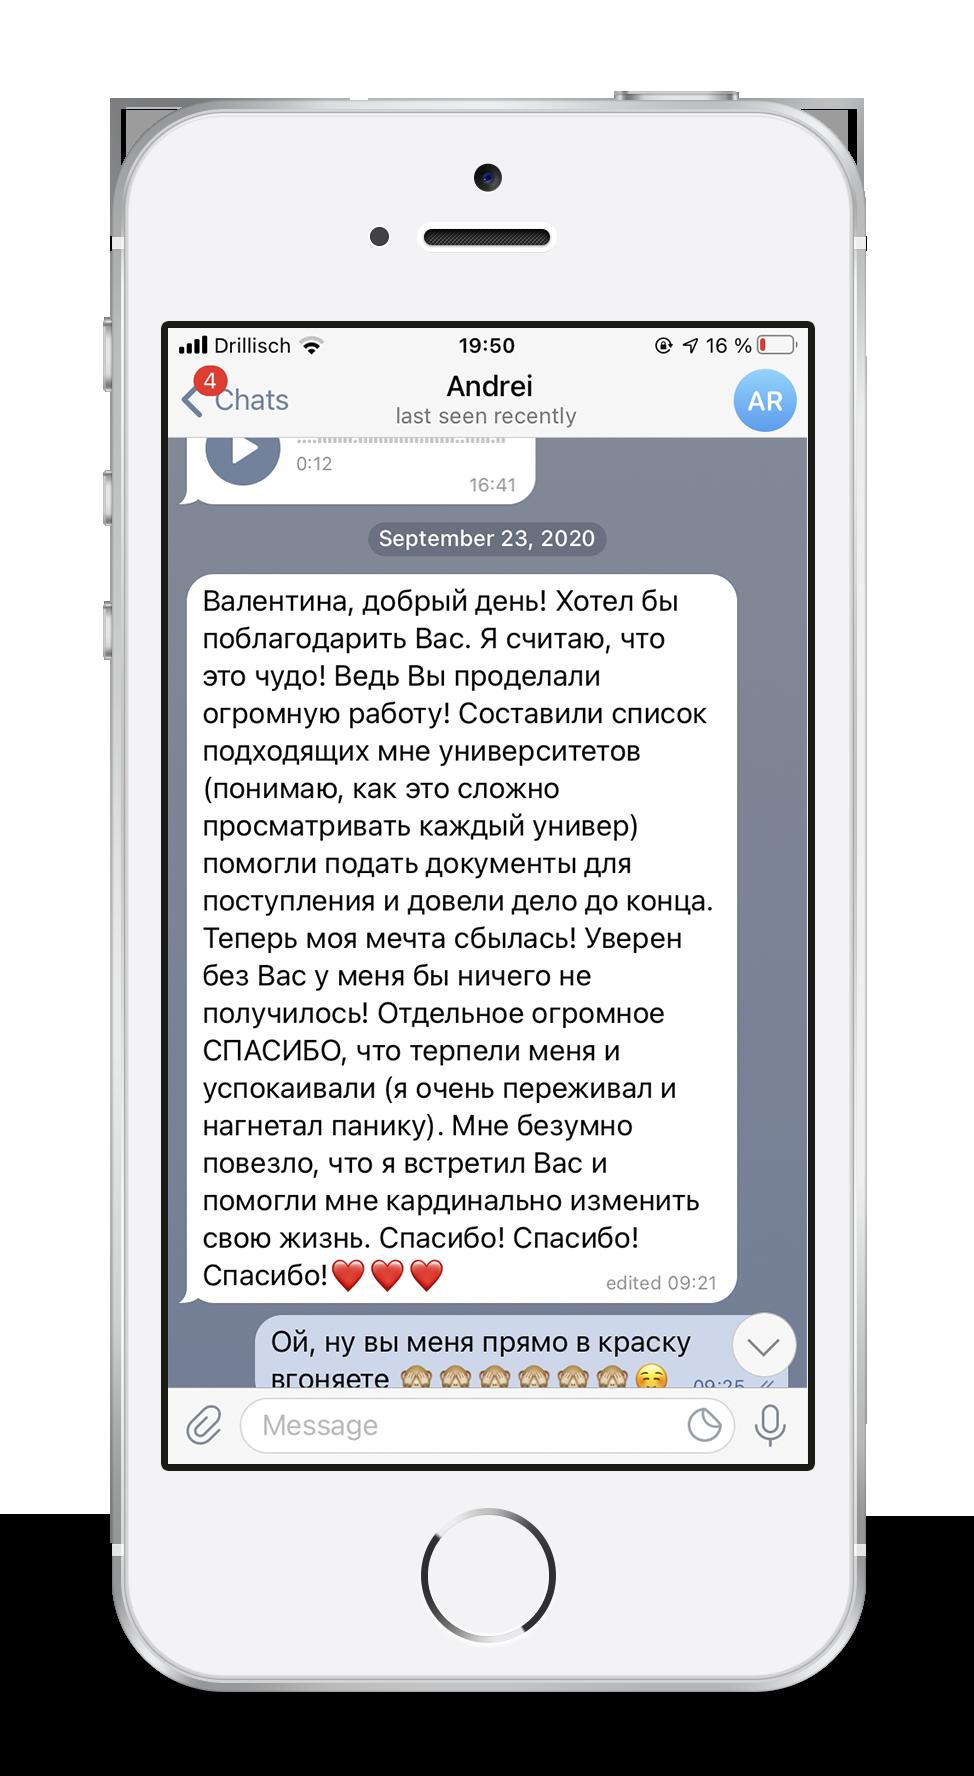 Отзыв Андрея на услуги Валентины